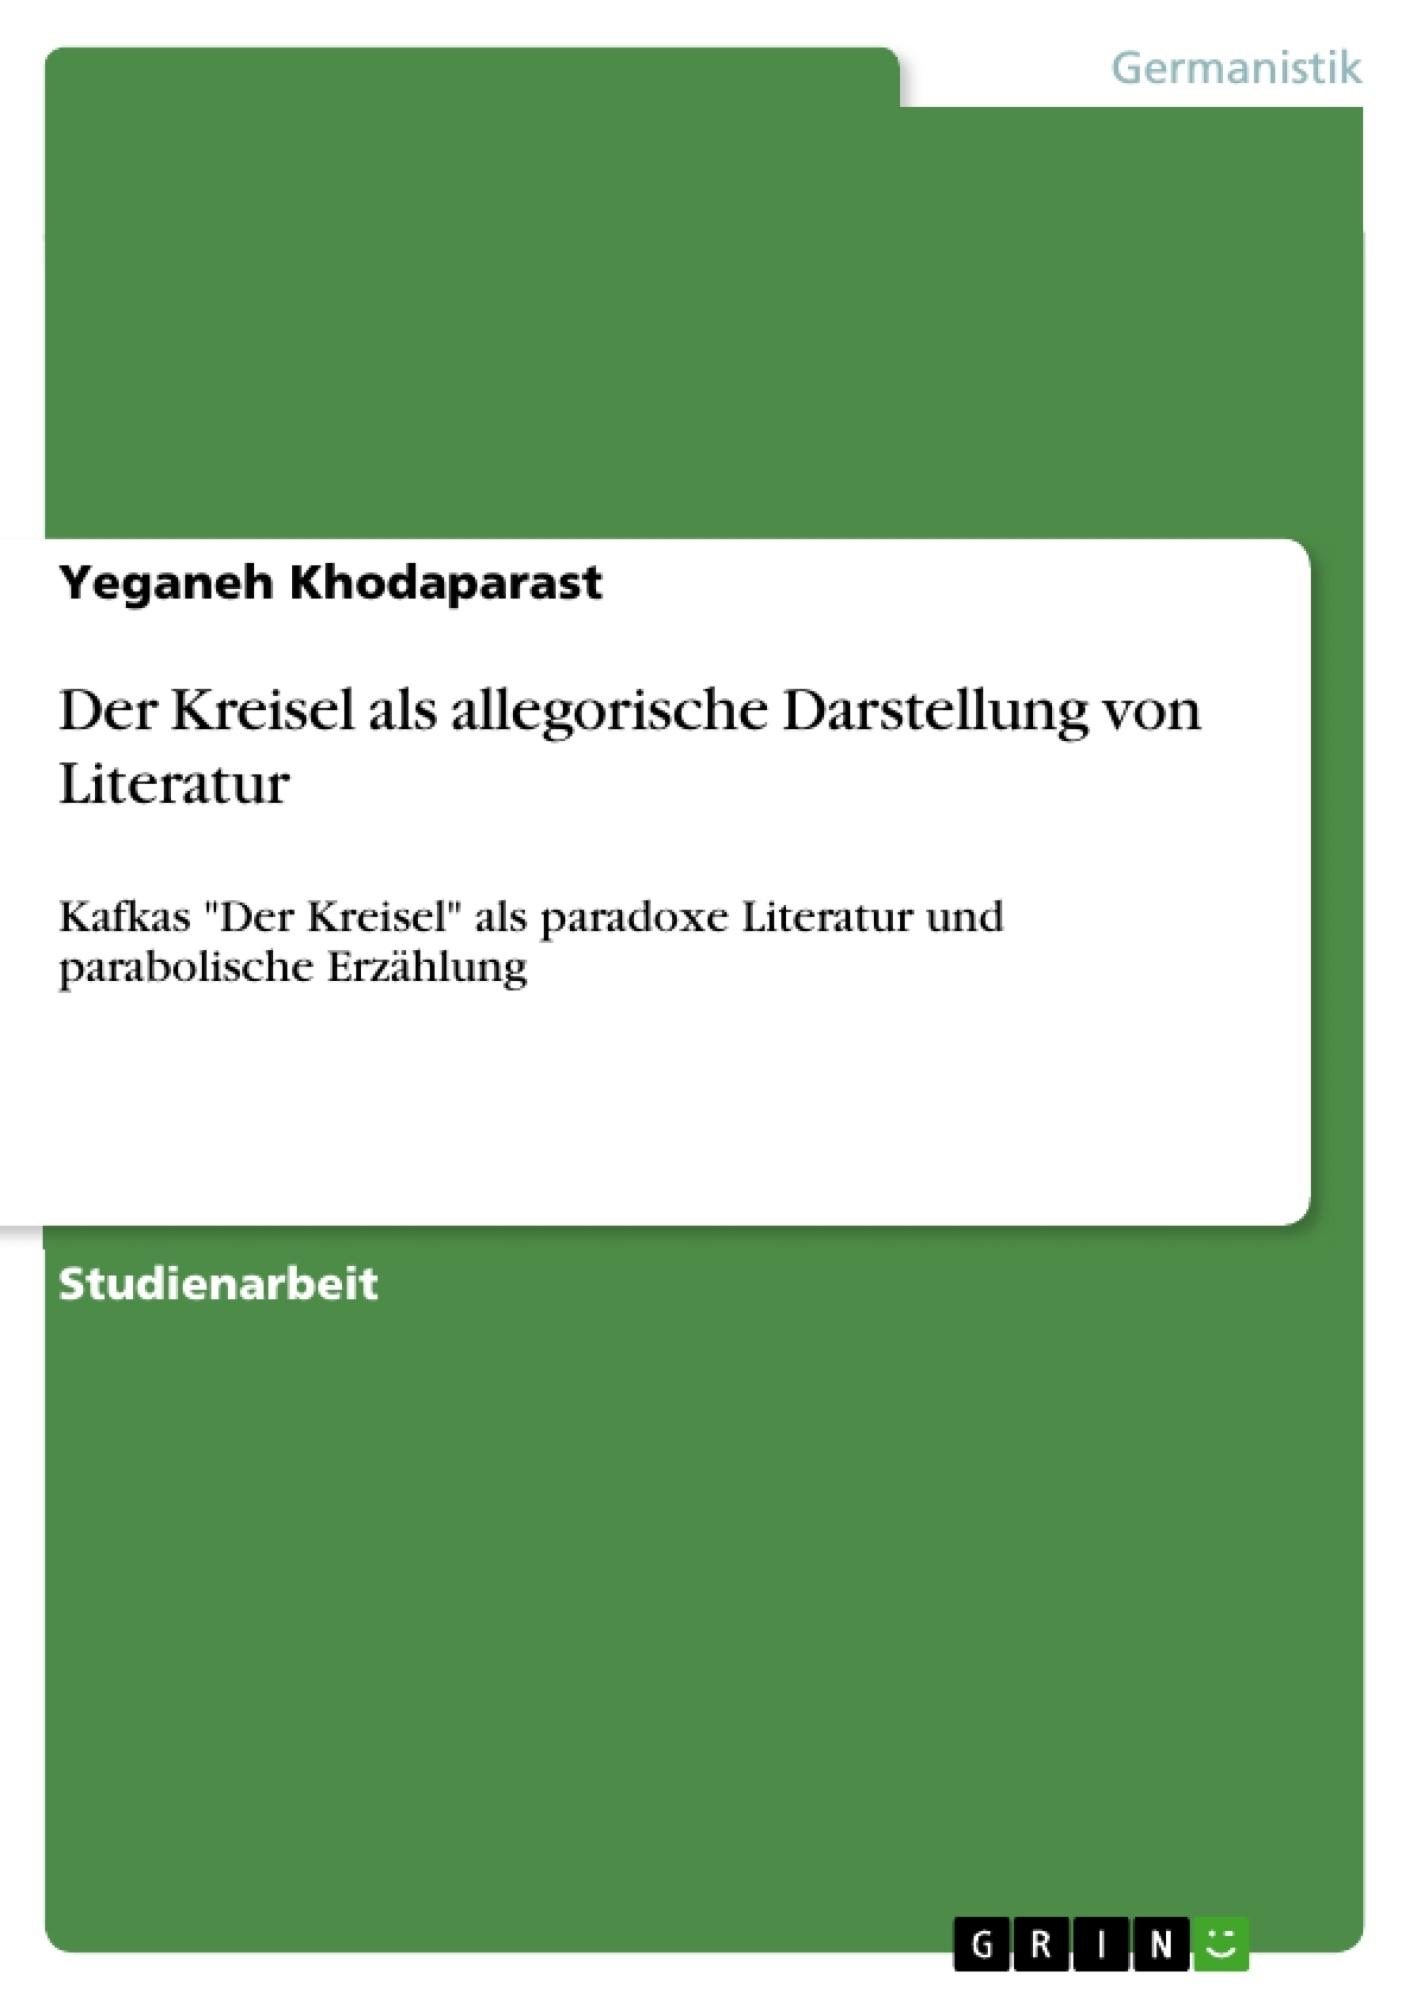 Titel: Der Kreisel als allegorische Darstellung von Literatur